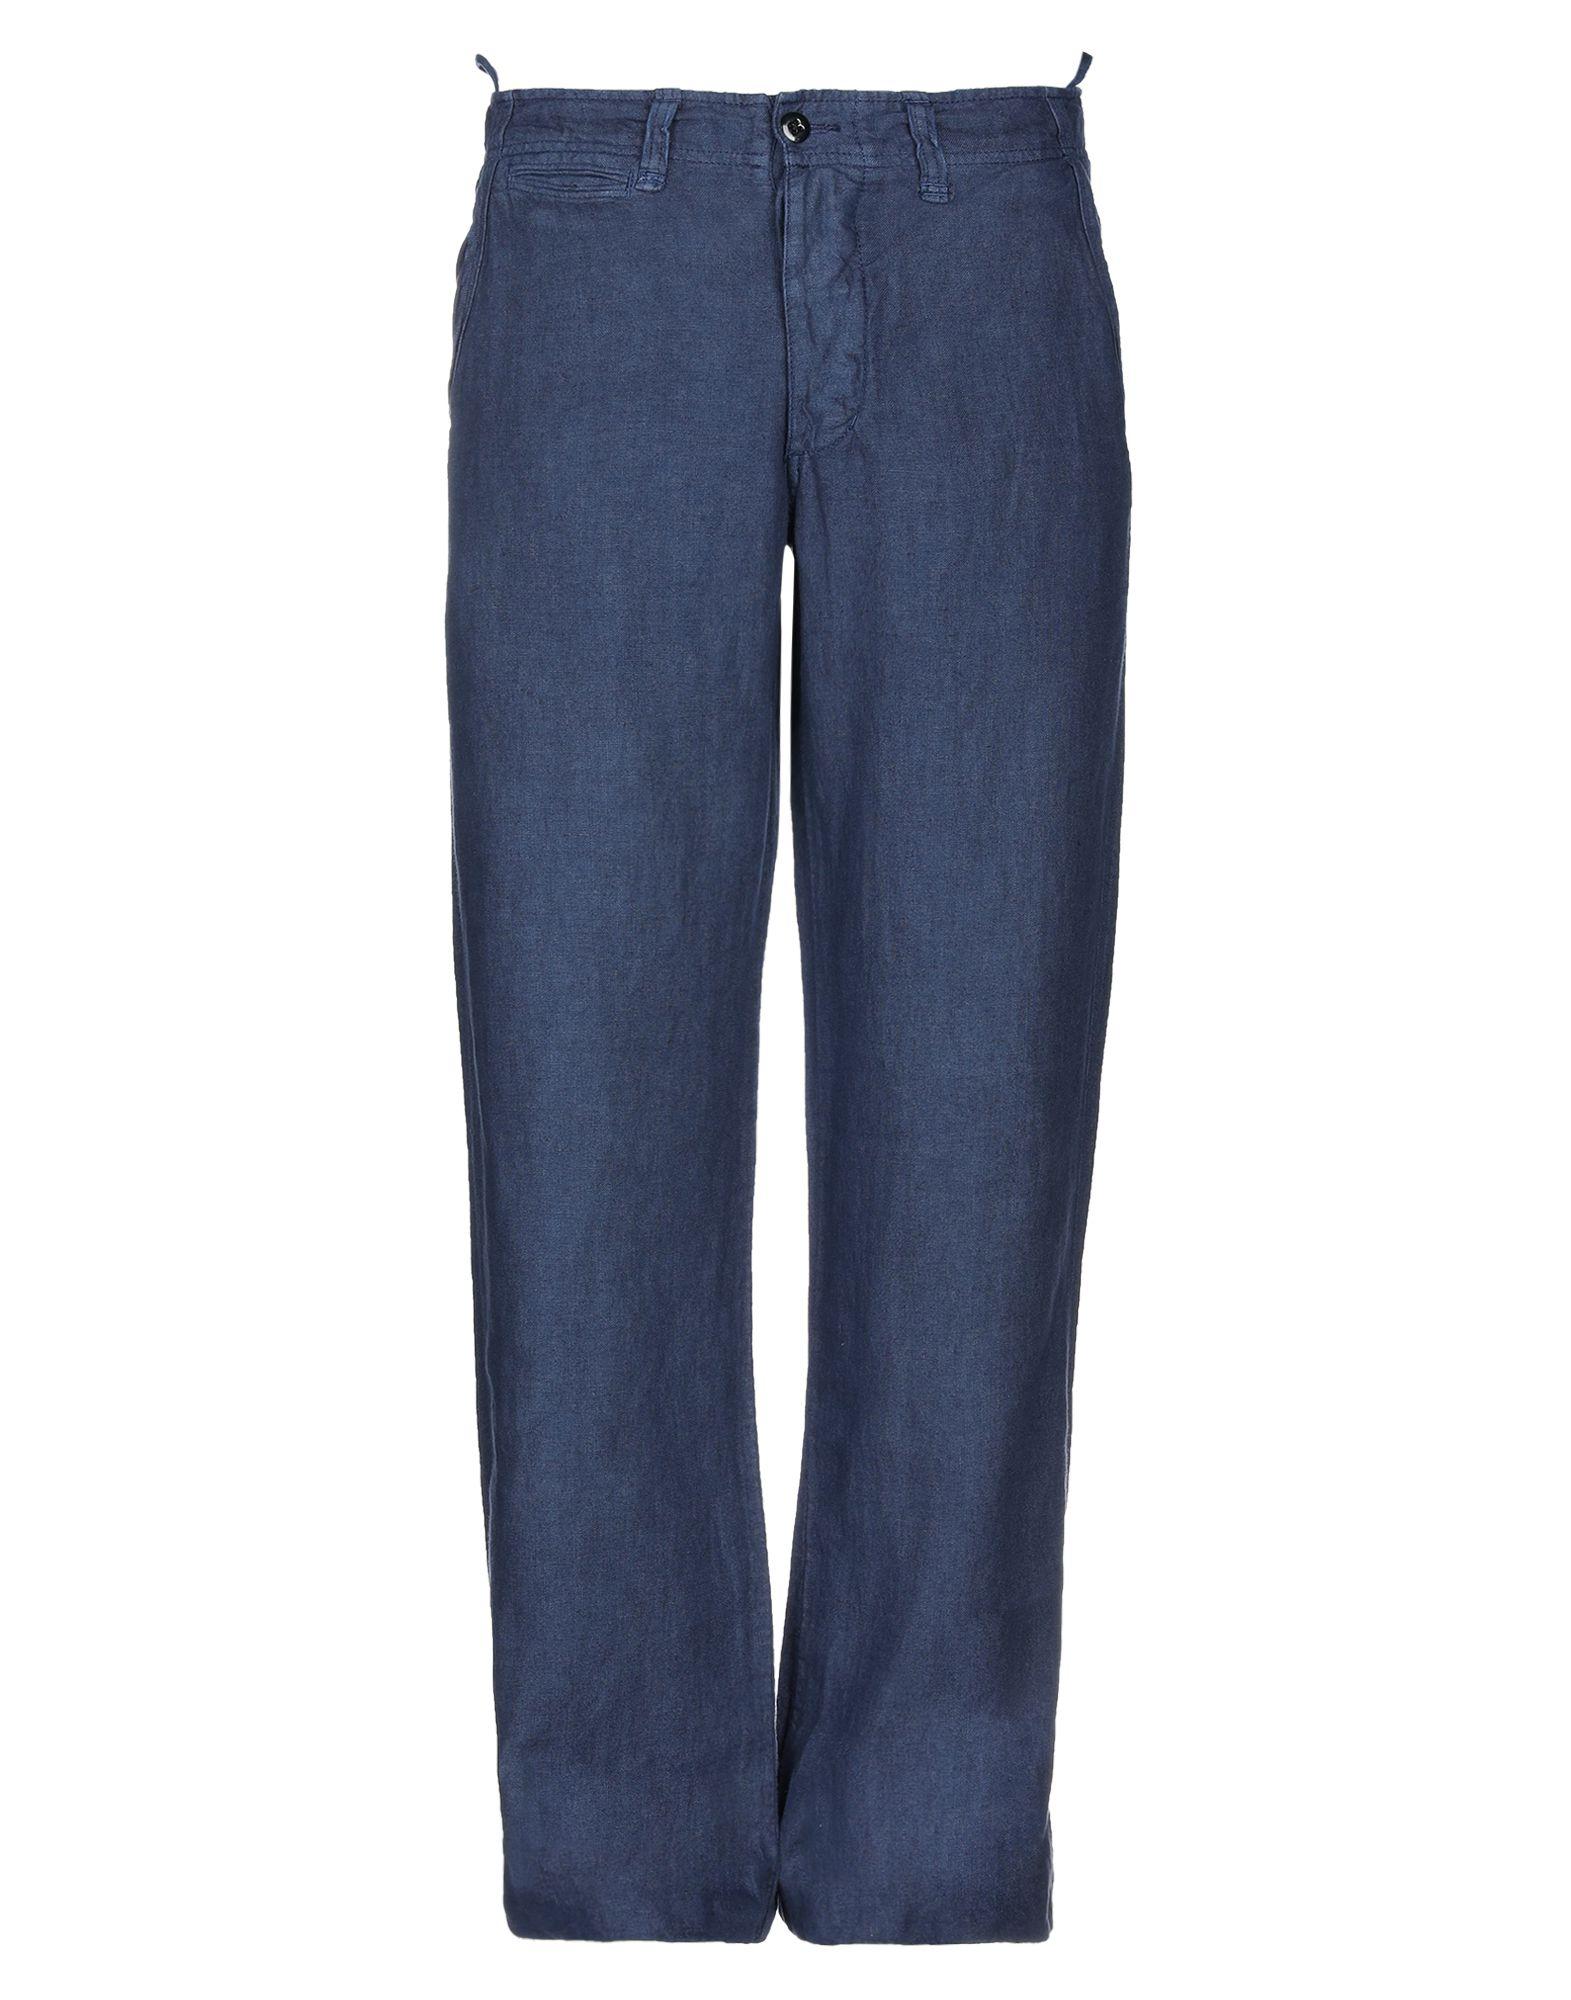 《セール開催中》POLO JEANS COMPANY メンズ パンツ ブルー 30W-34L 麻 100%